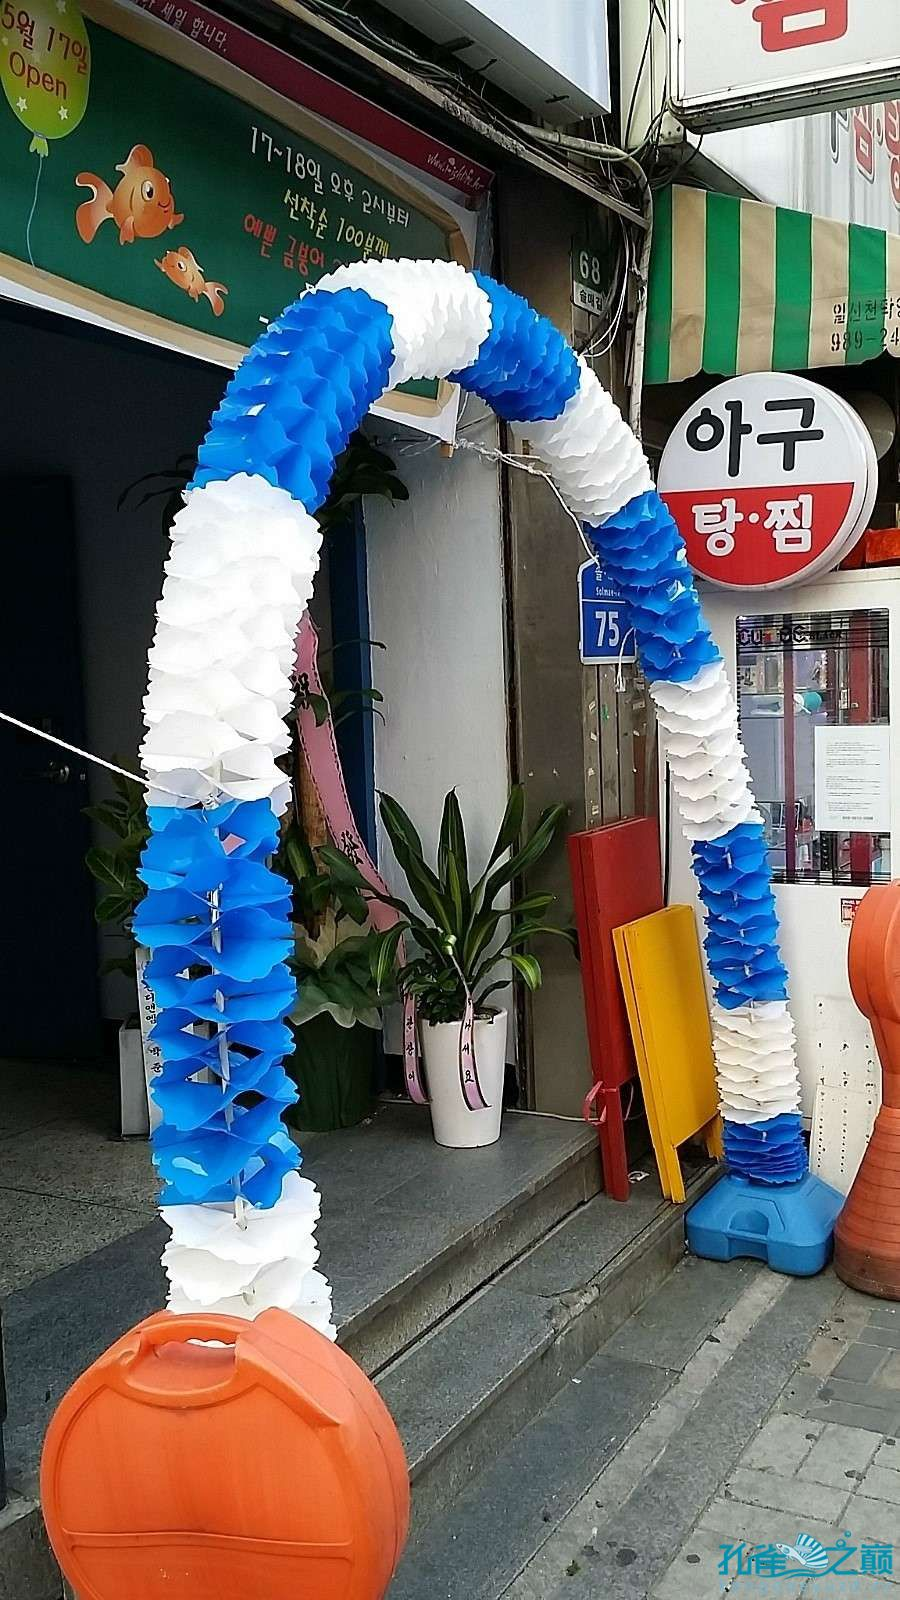 考察韩国首尔东巴比伦水族馆 沈阳水族批发市场 沈阳龙鱼第3张